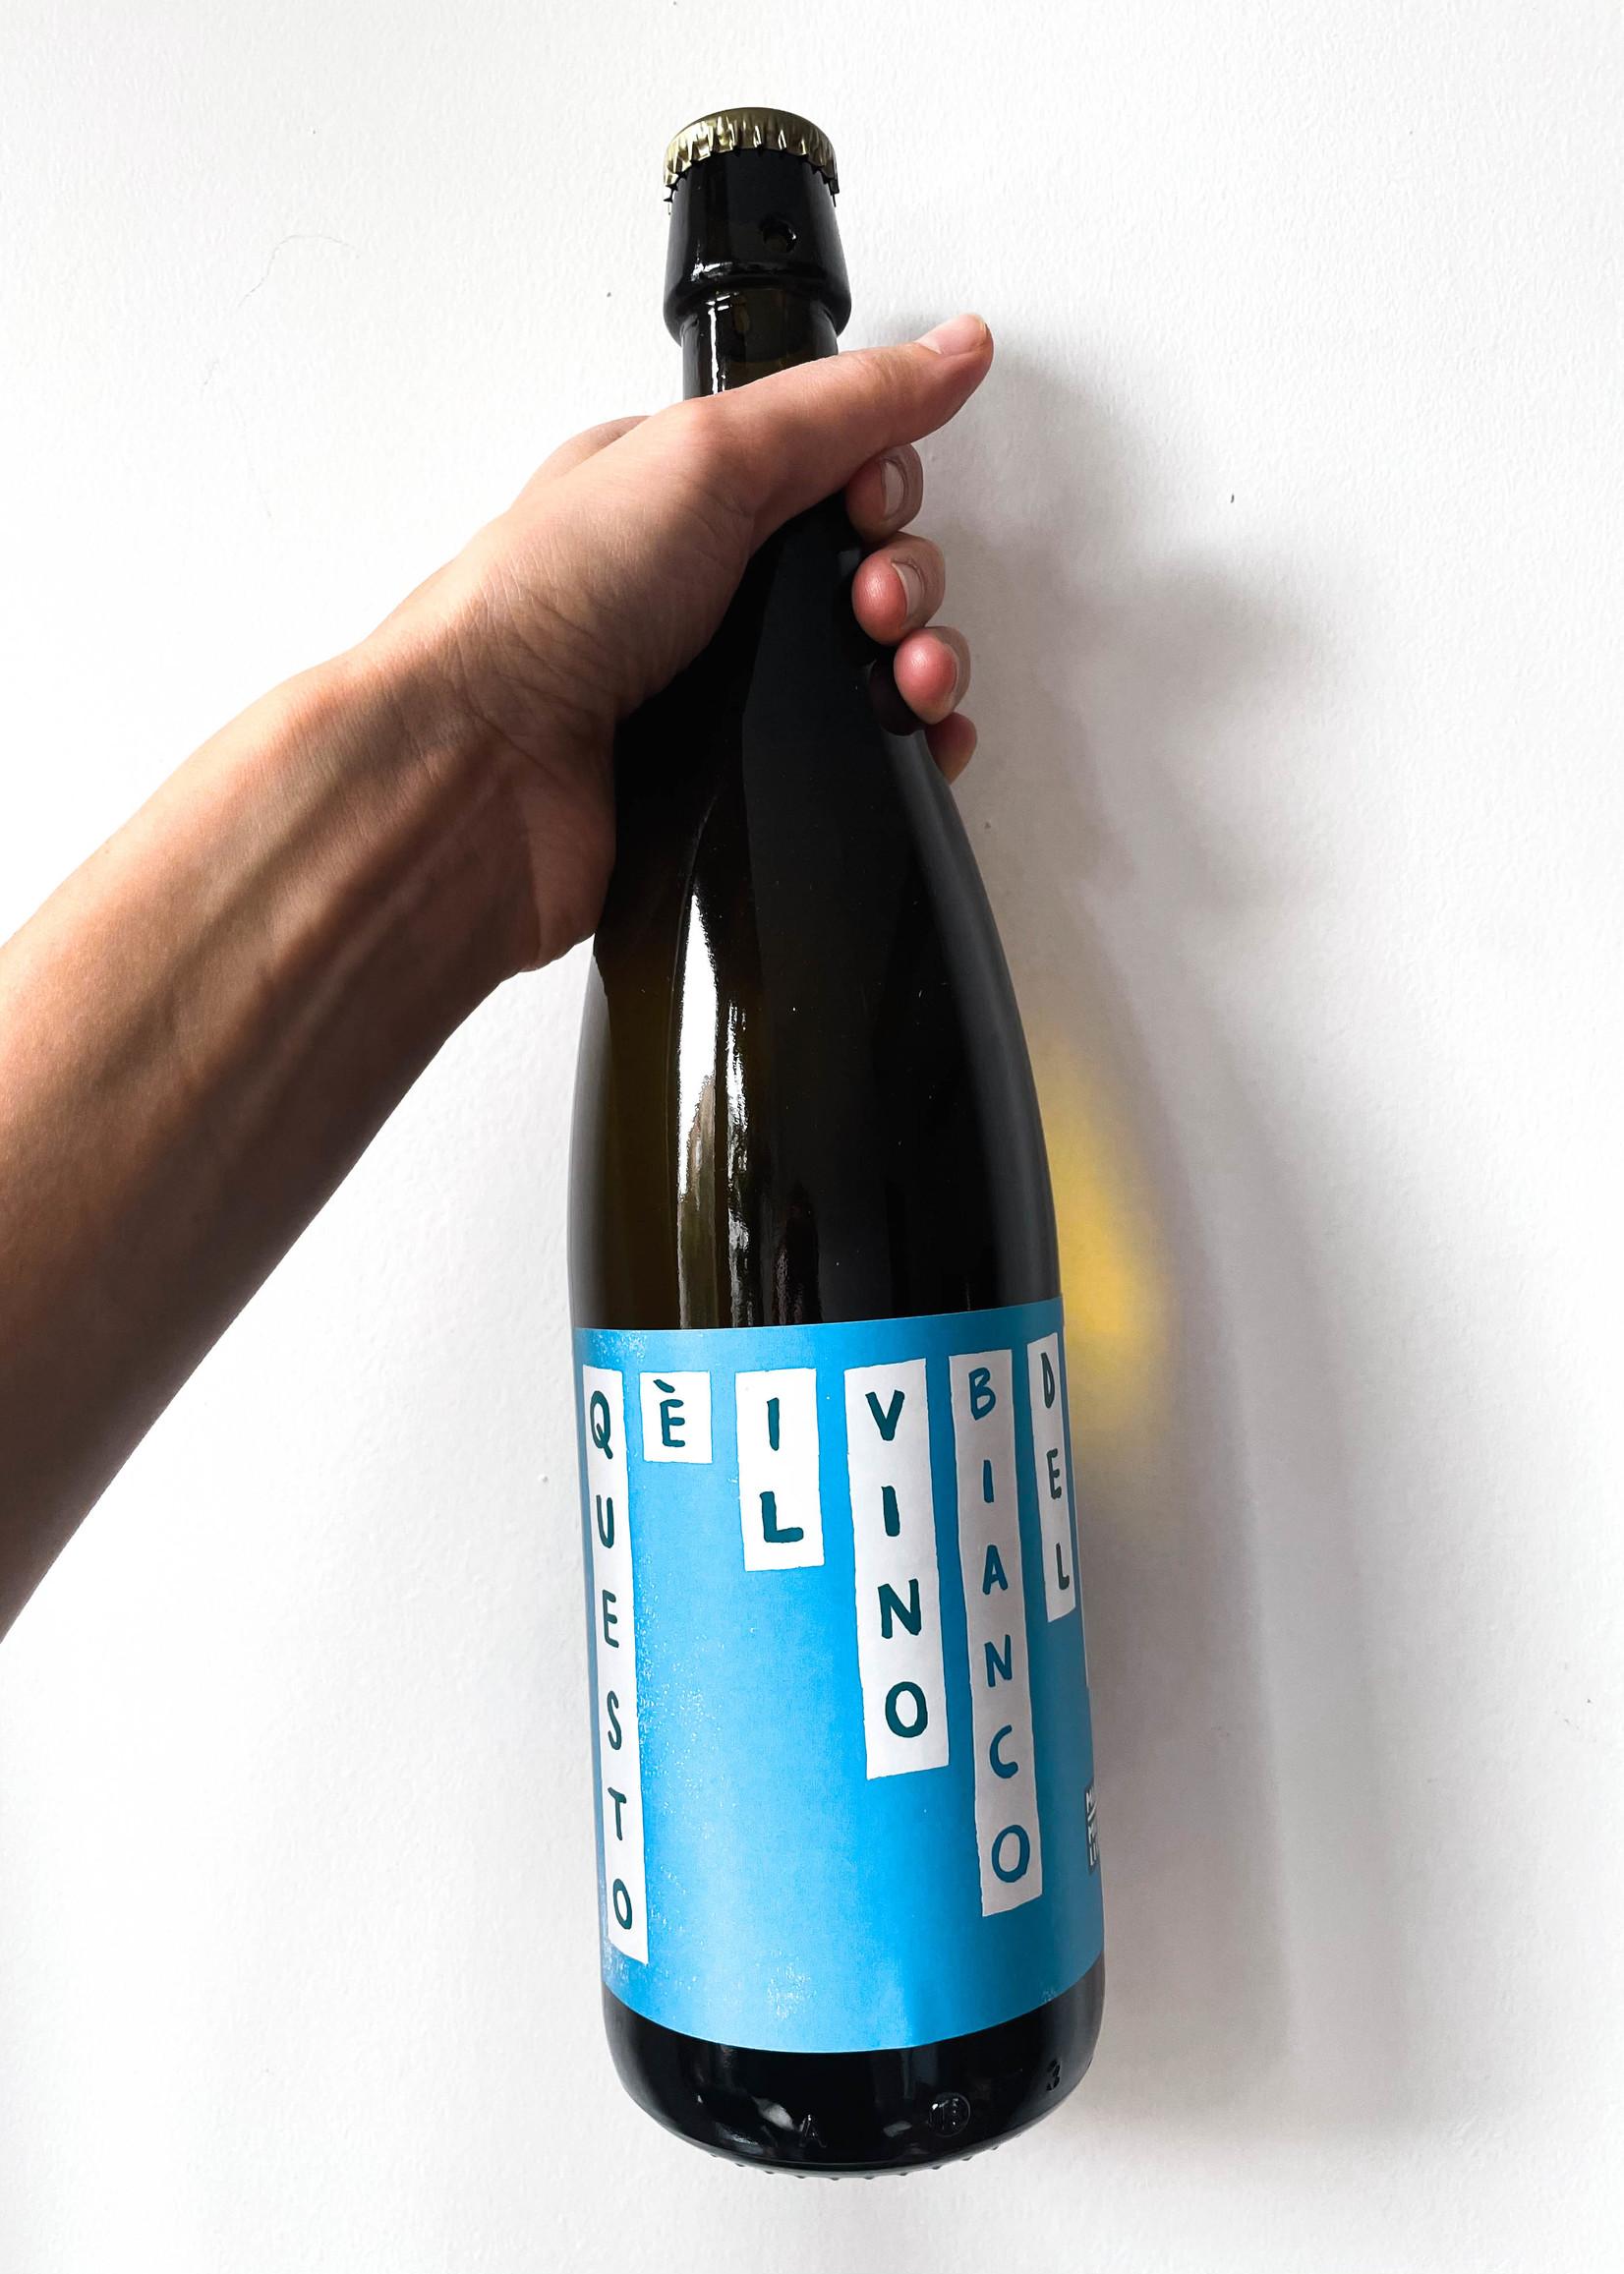 Sette Questo è il Vino Bianco del 2020 (1L) - Sette - 2020